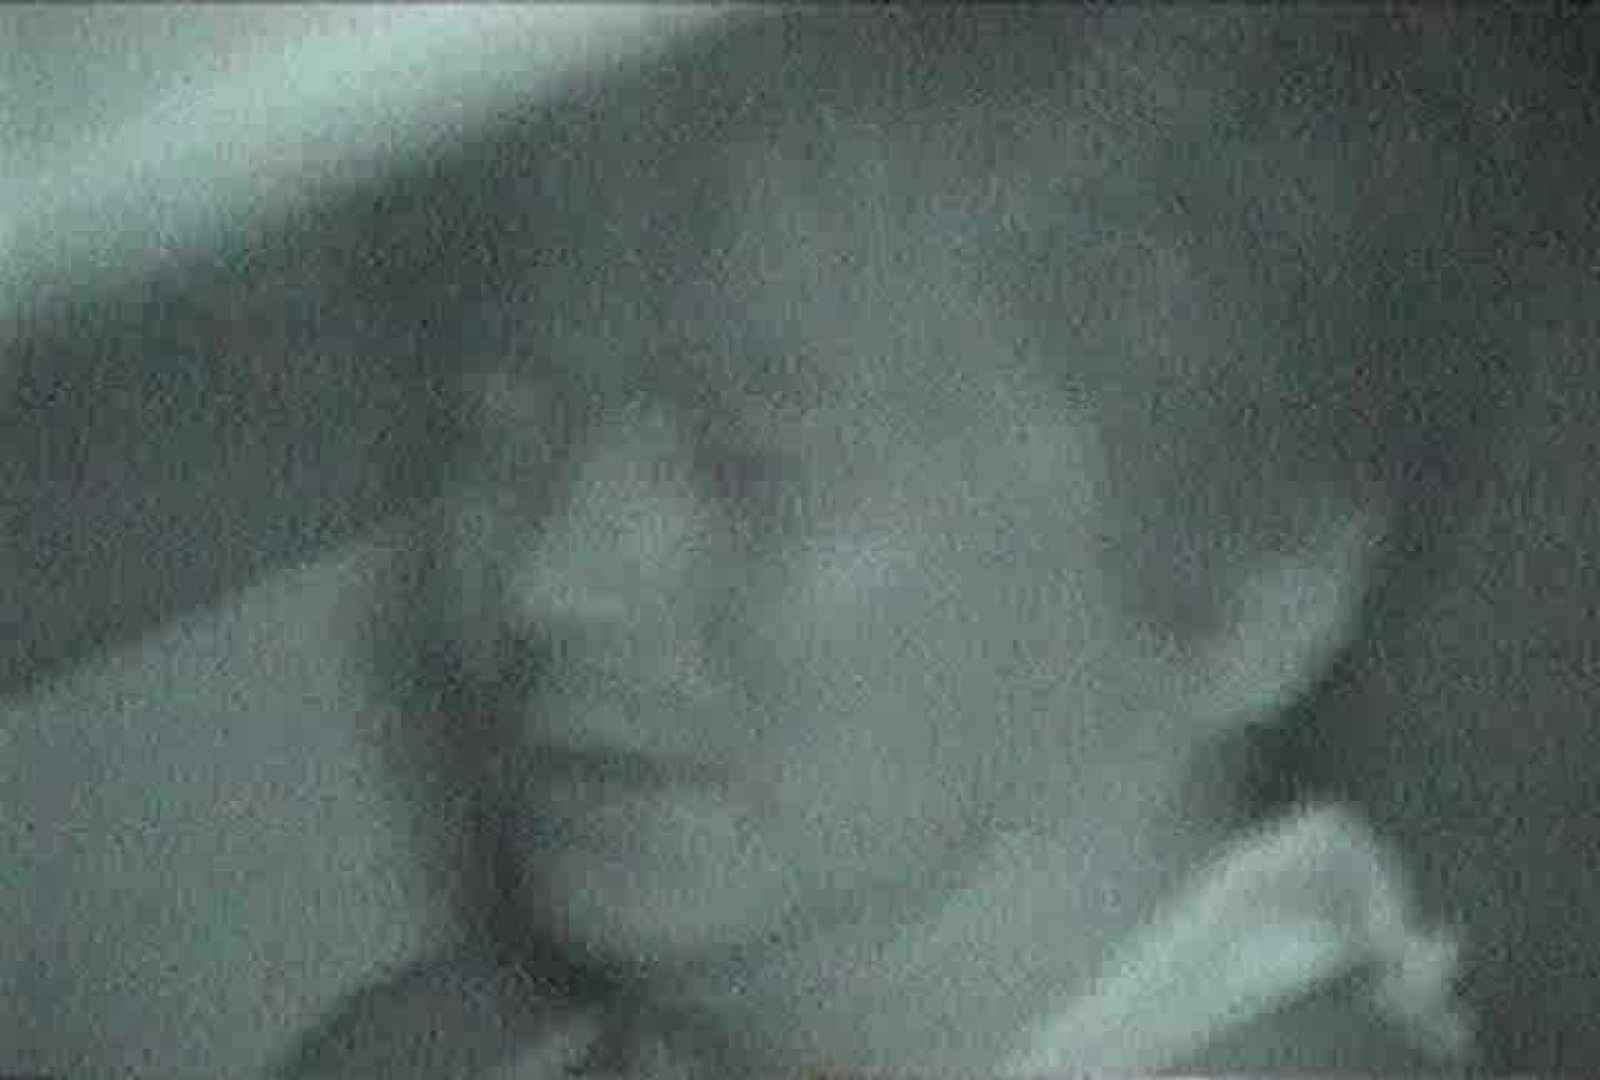 充血監督の深夜の運動会Vol.101 OLセックス 盗撮AV動画キャプチャ 81画像 41